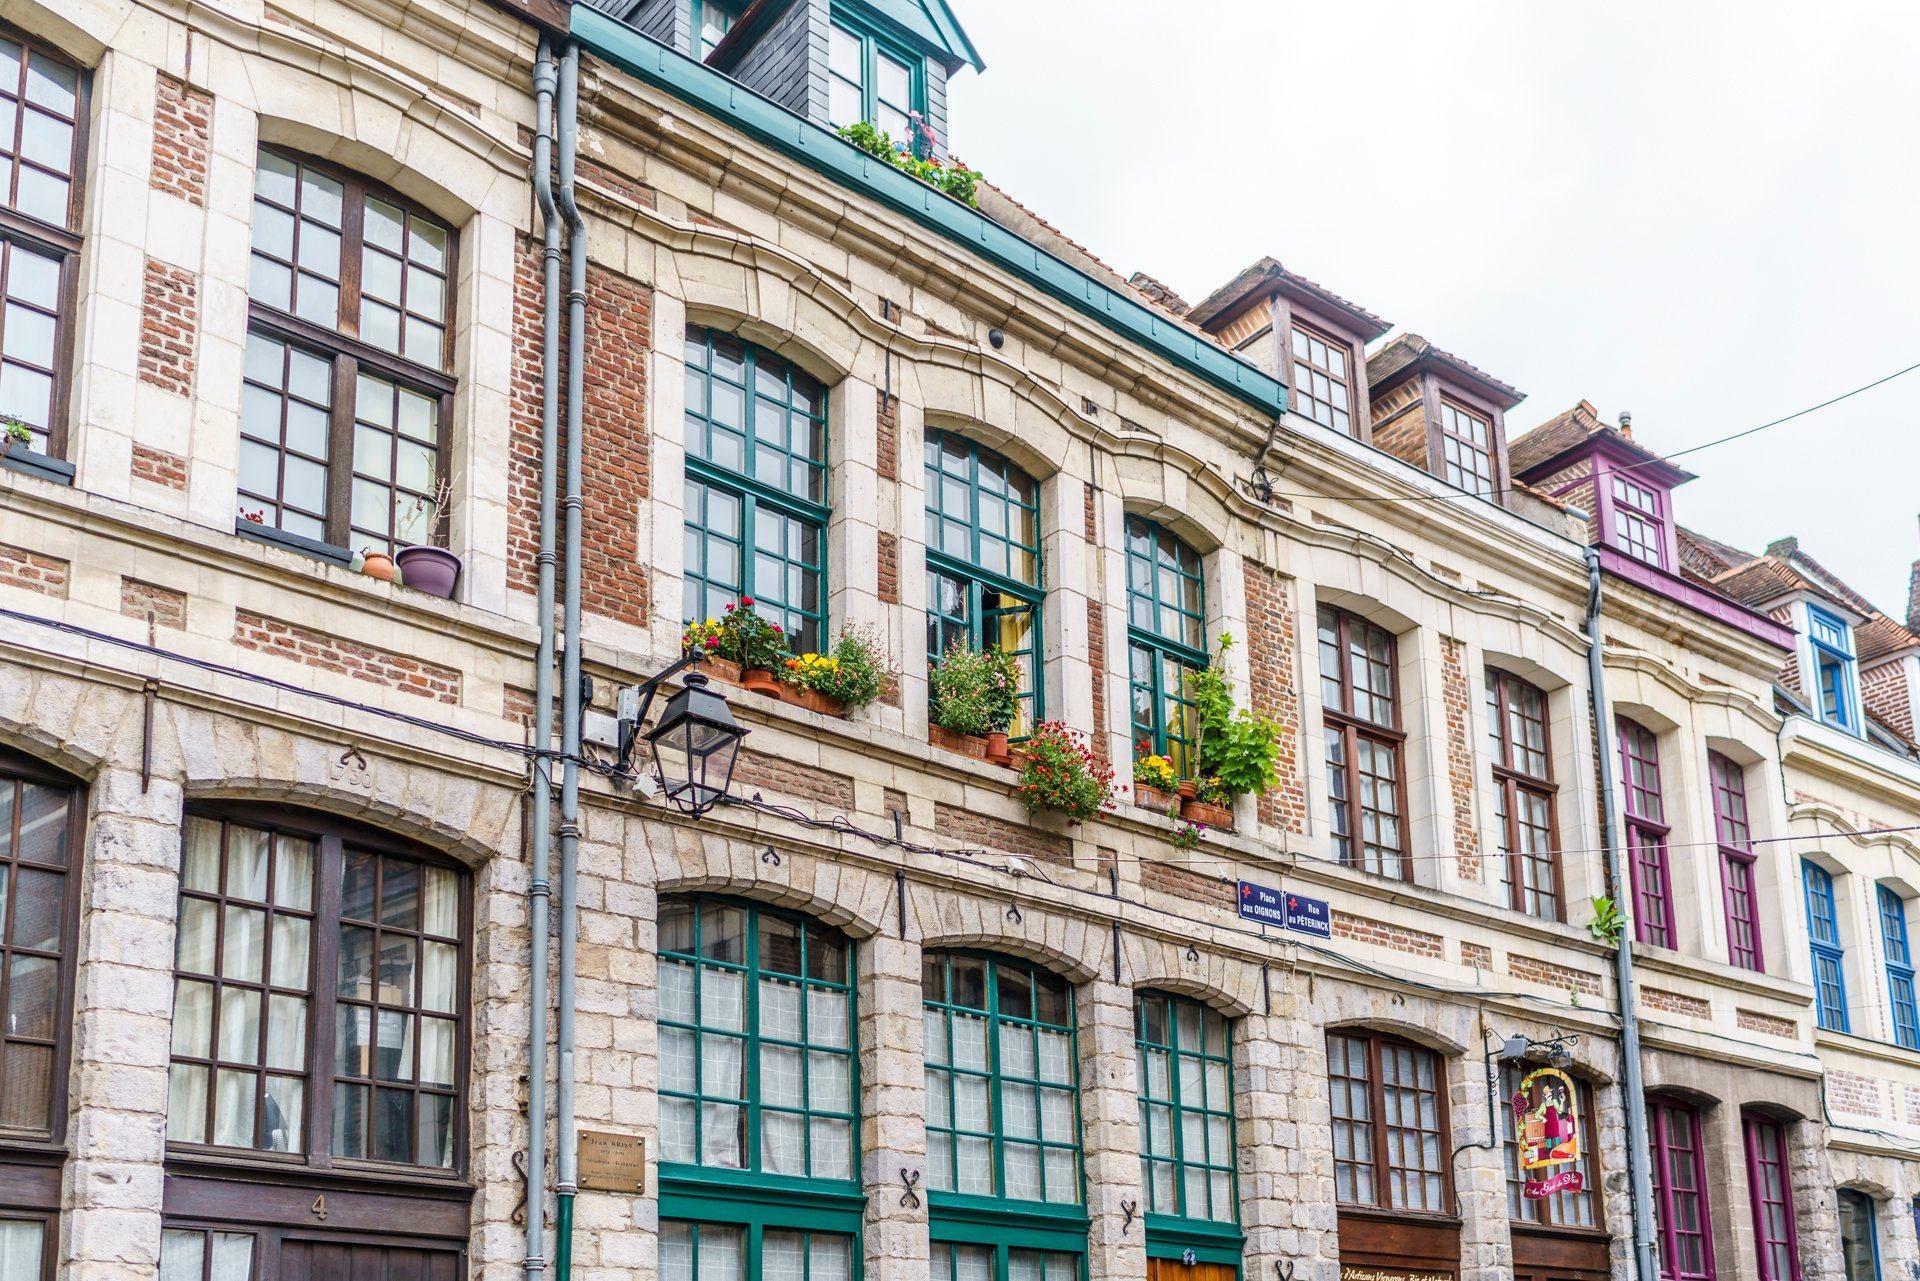 Vieux-Lille-Fassaden